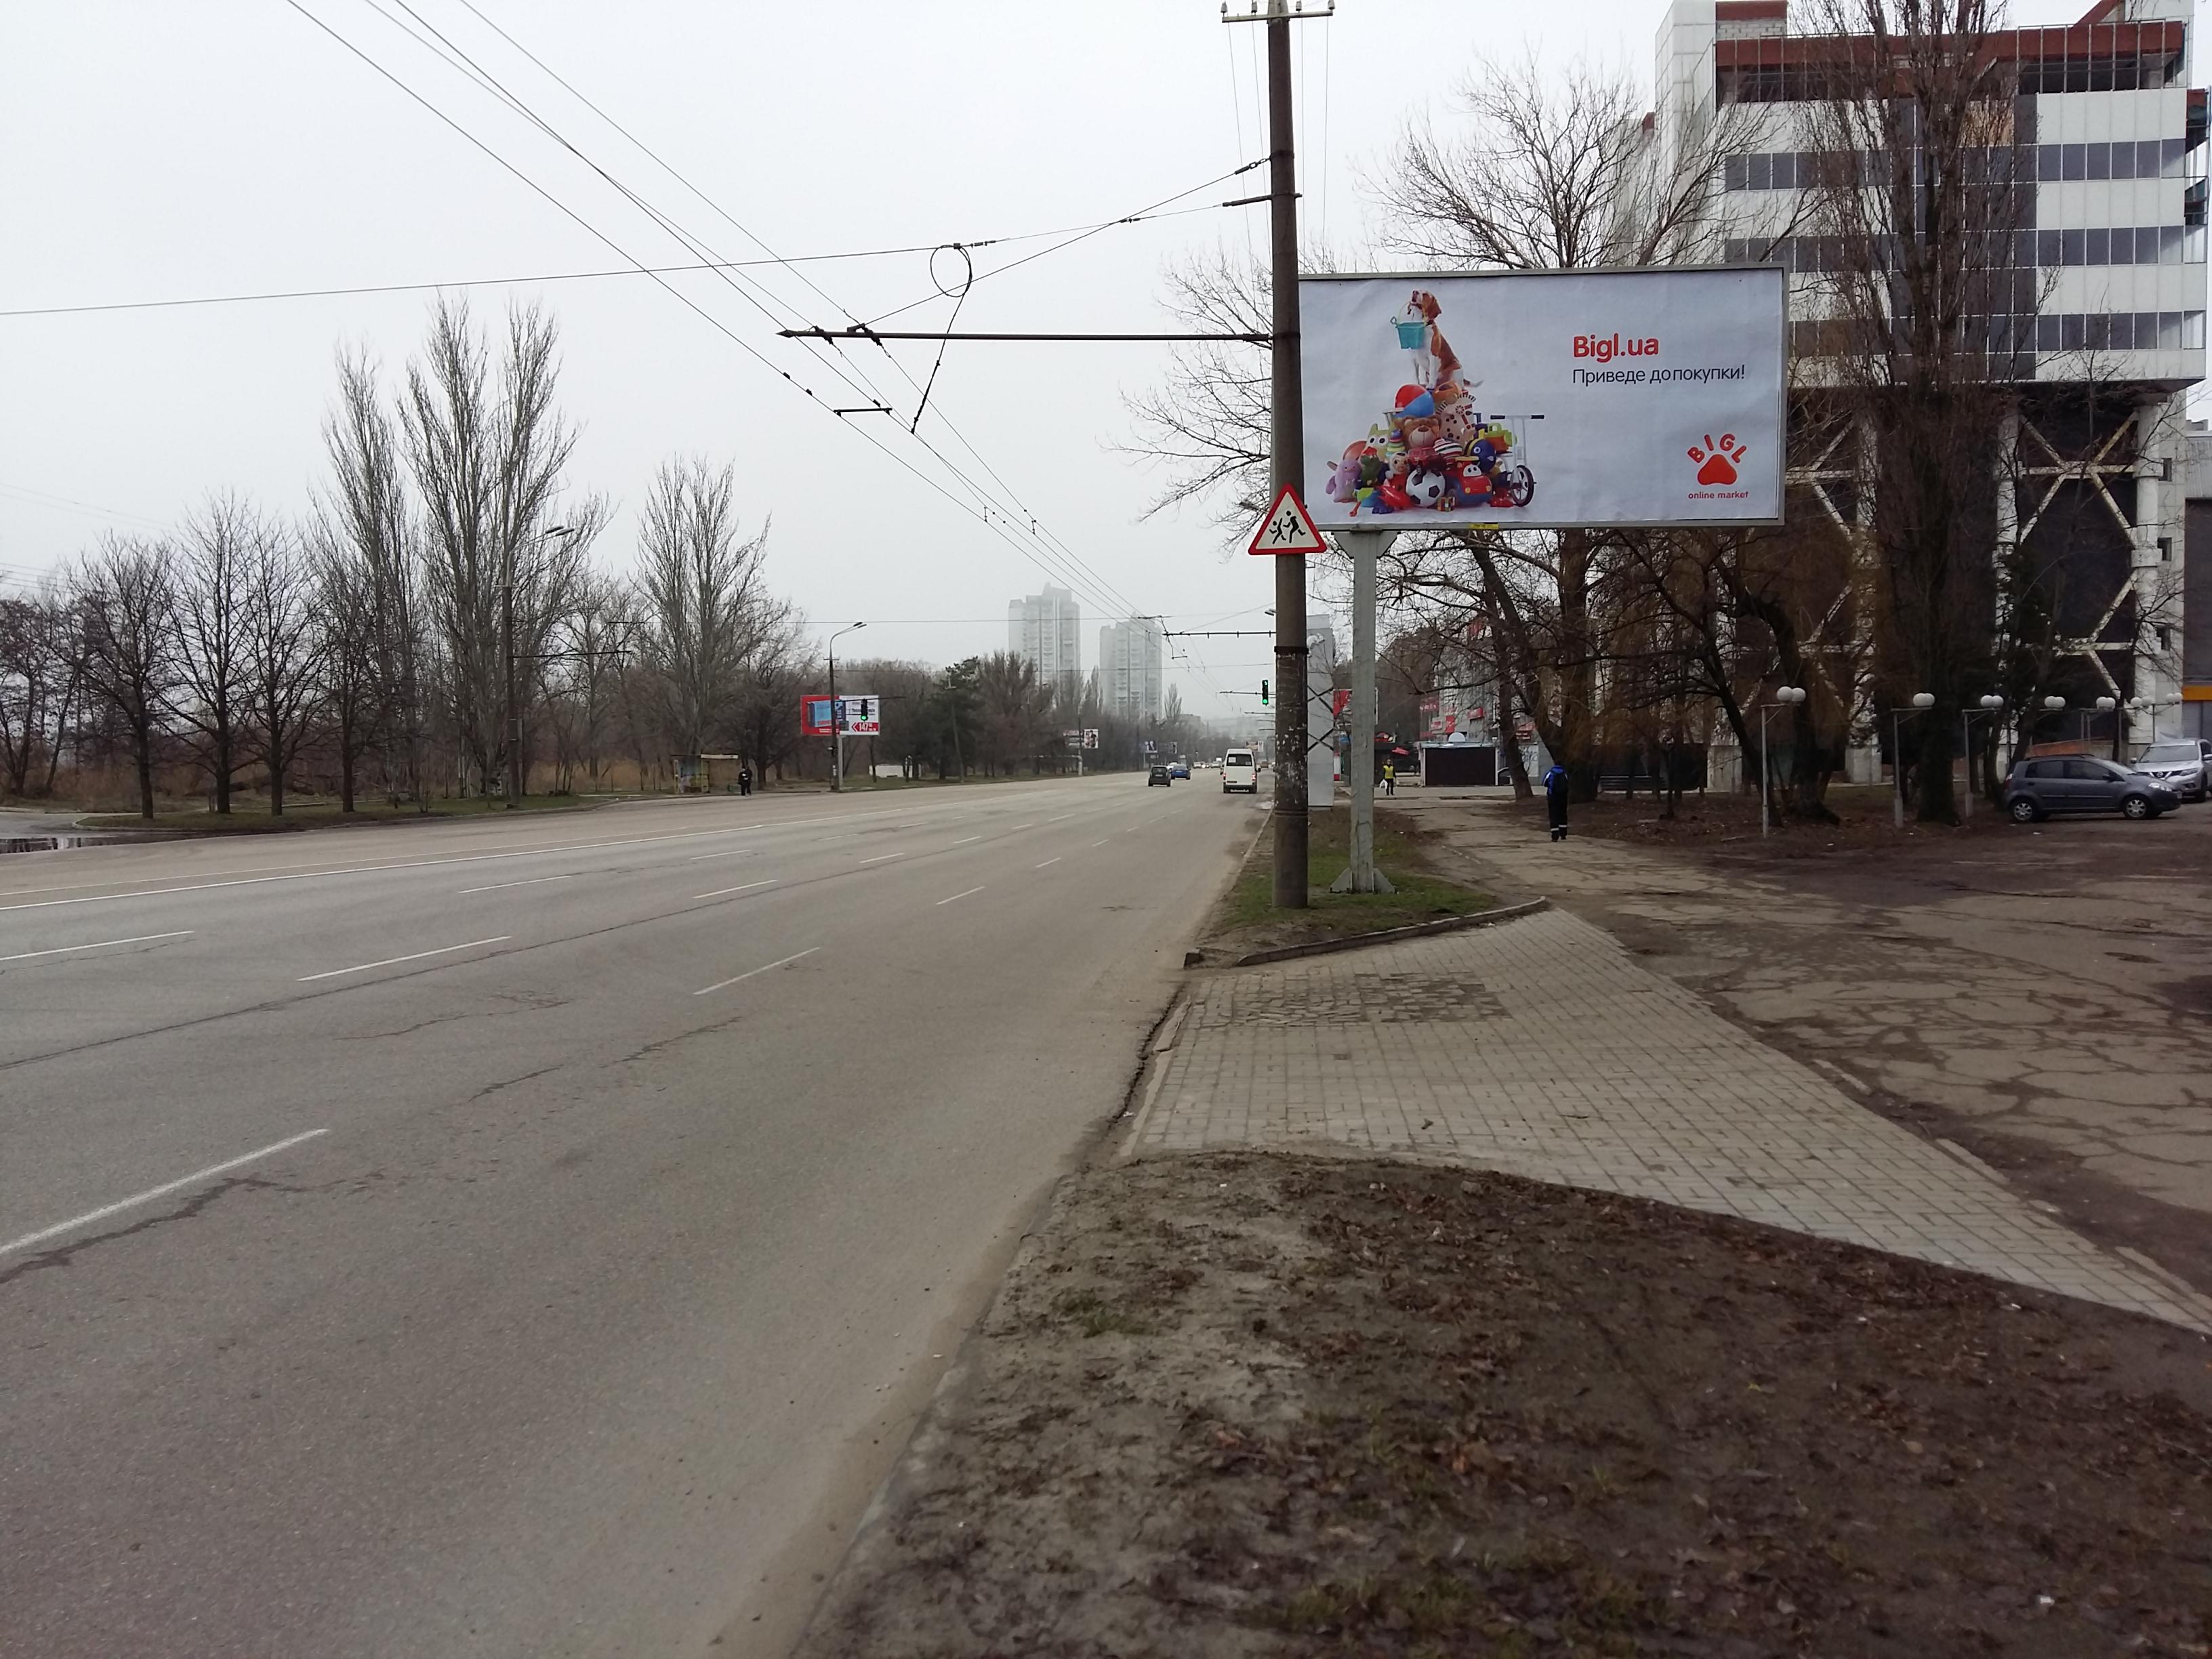 Фото Фотоотчет Бигбордов по Днепропетровску 47 шт